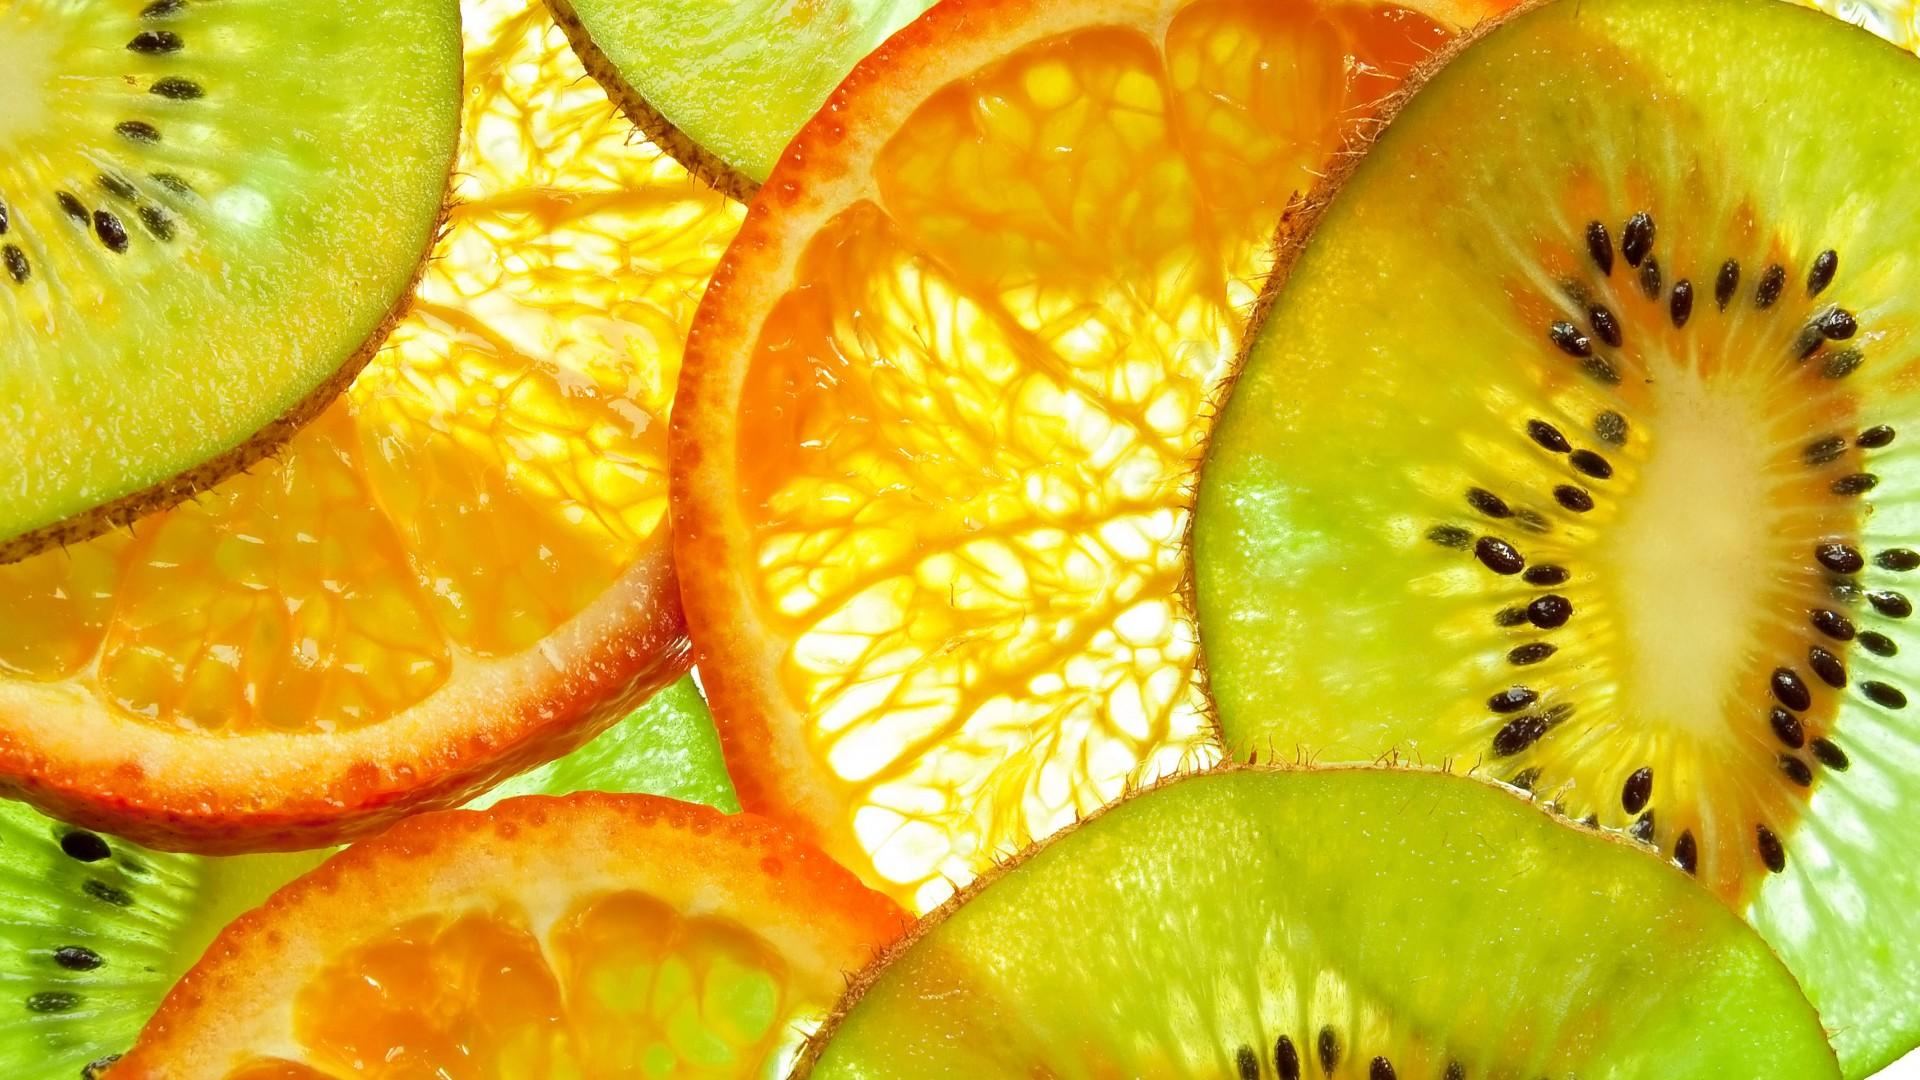 Wallpaper kiwi orange fruit 5k Food